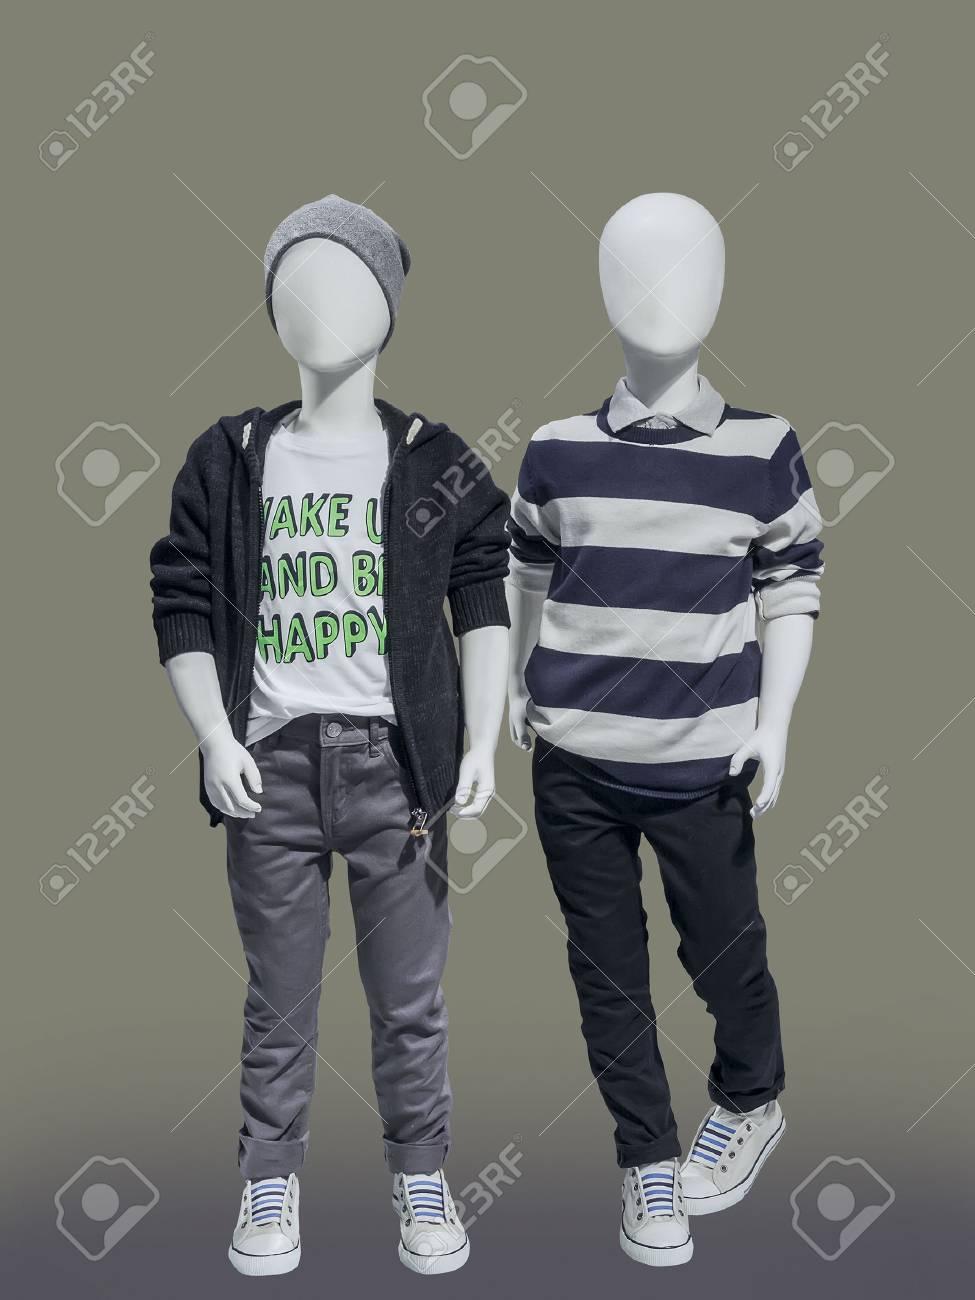 21f8e5123 Dos maniquíes niños vestidos de los niños de moda desgaste, aislado. No hay  nombres